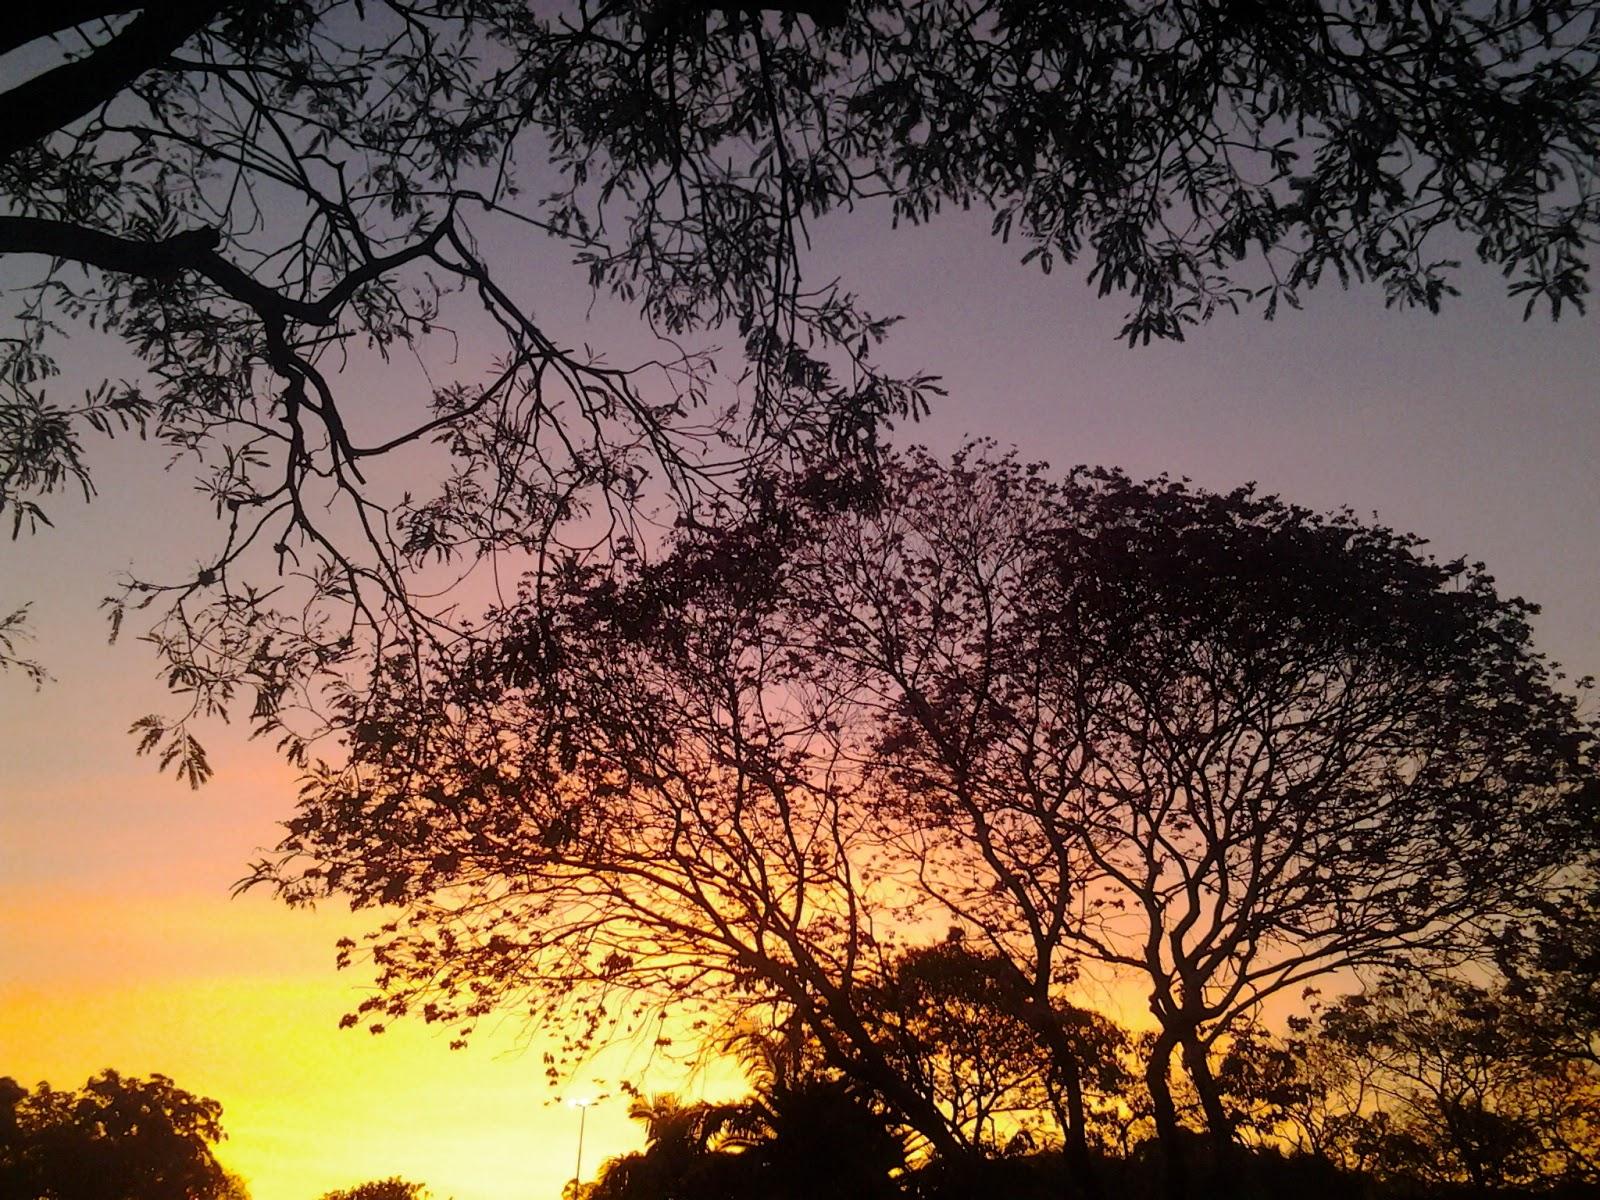 Foto tirada no Ibirapuera